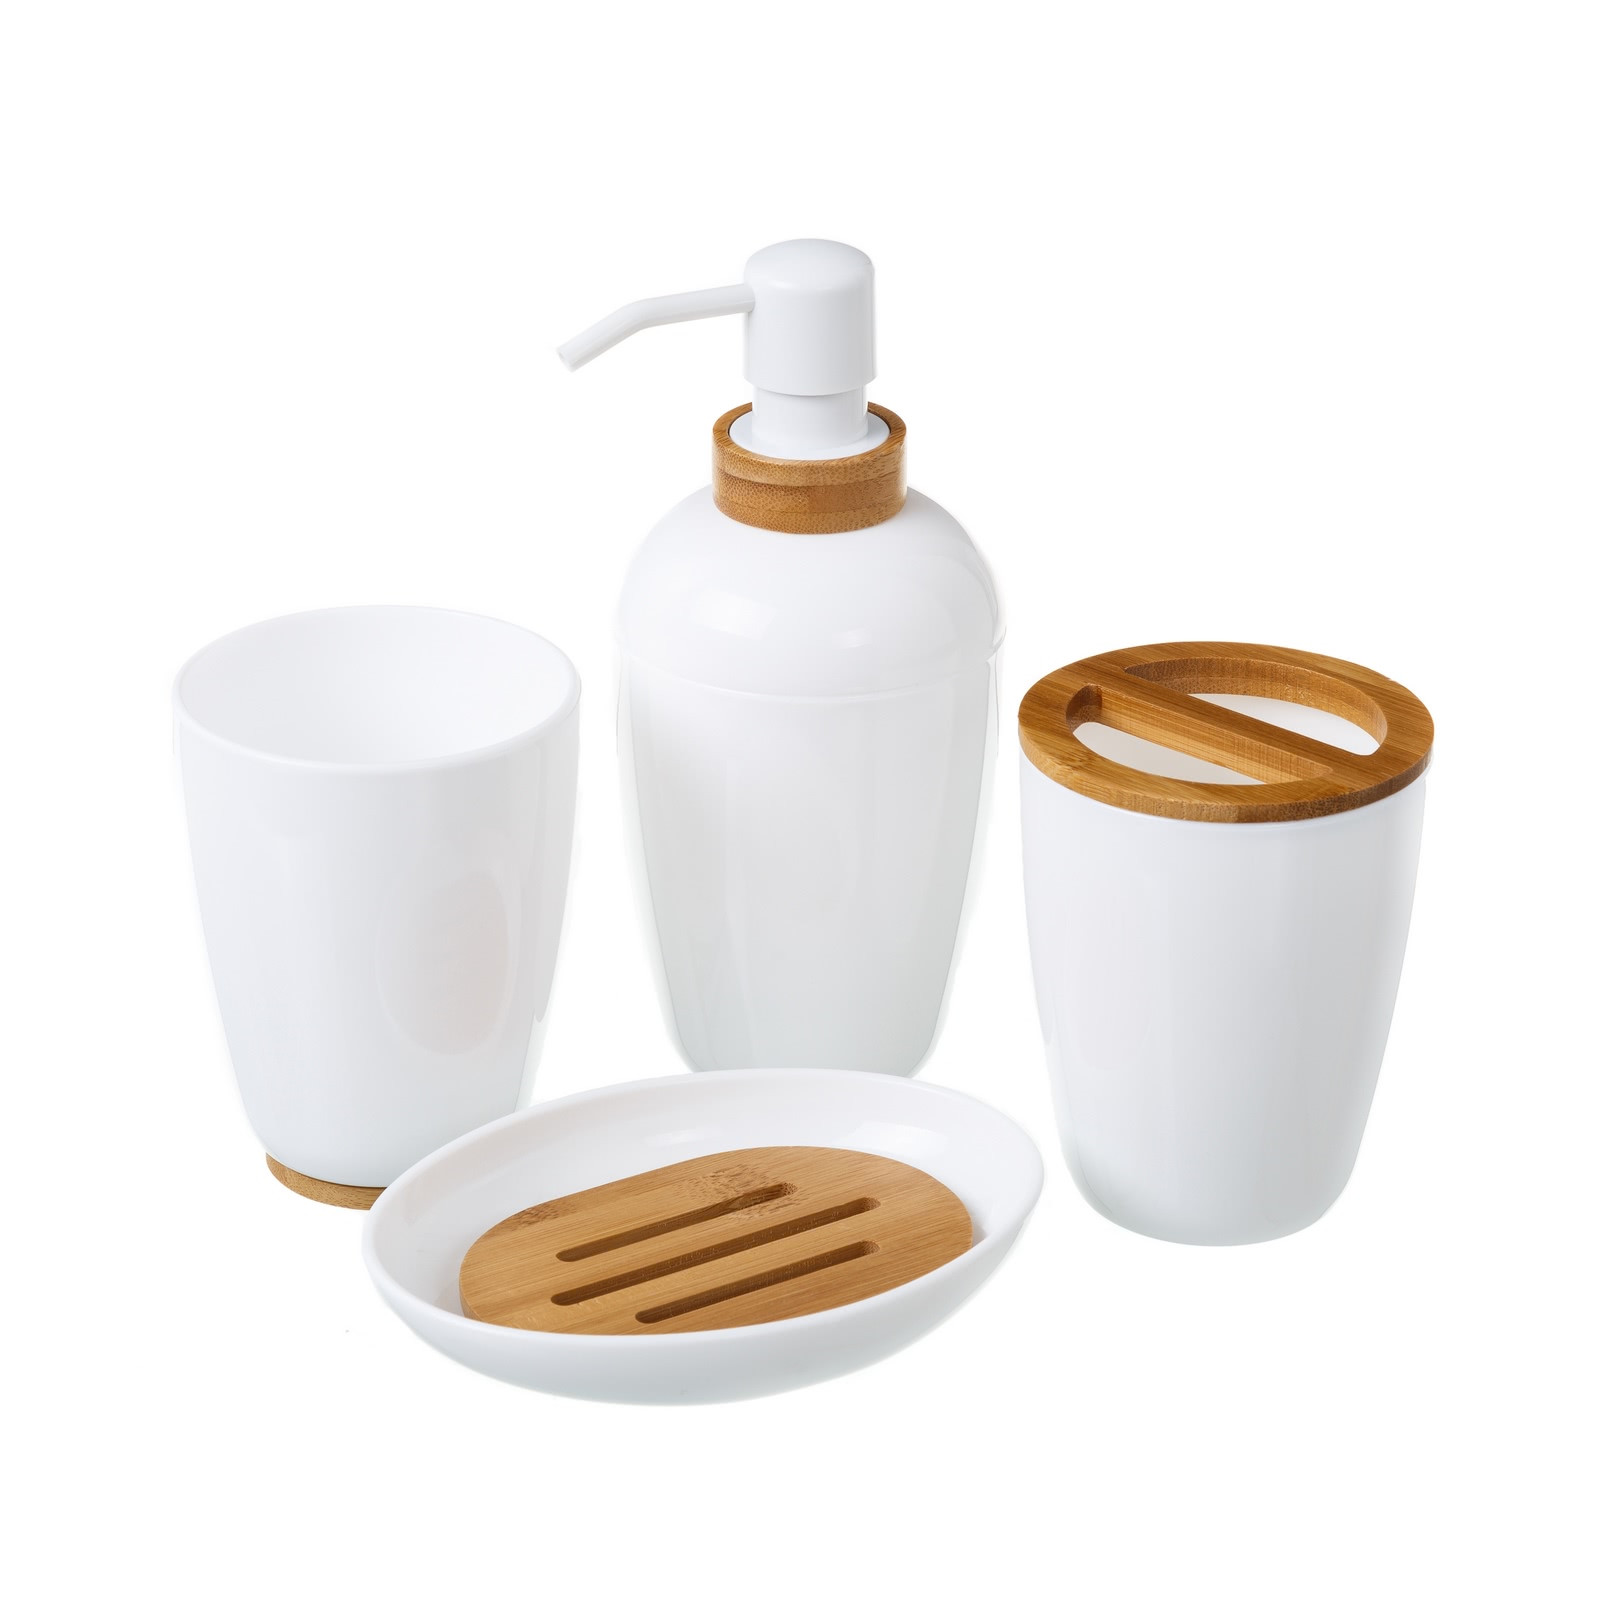 Accesorios de baño bambú | LOLA home